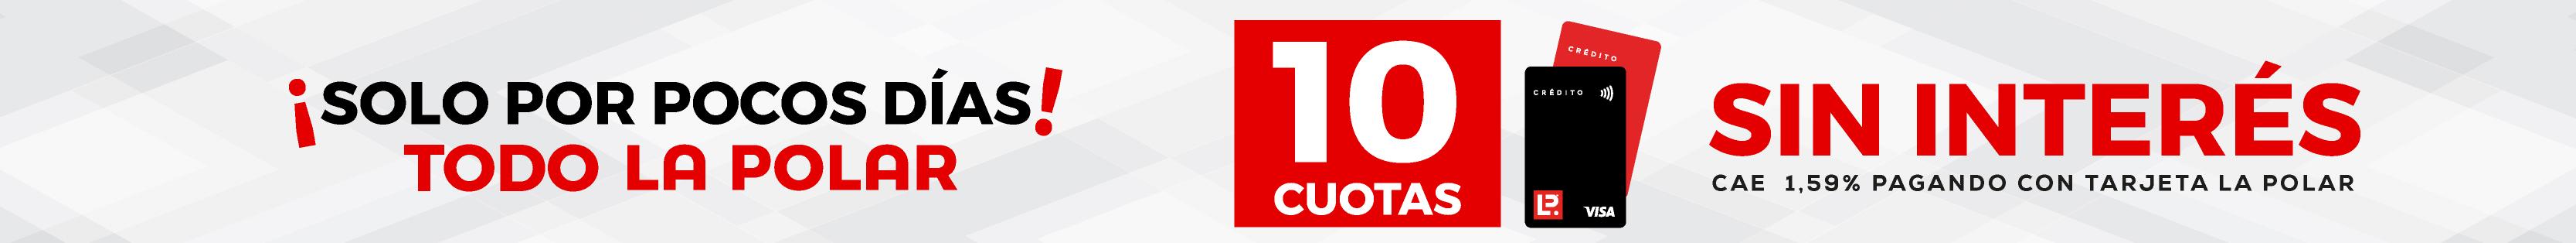 10 Cuotas